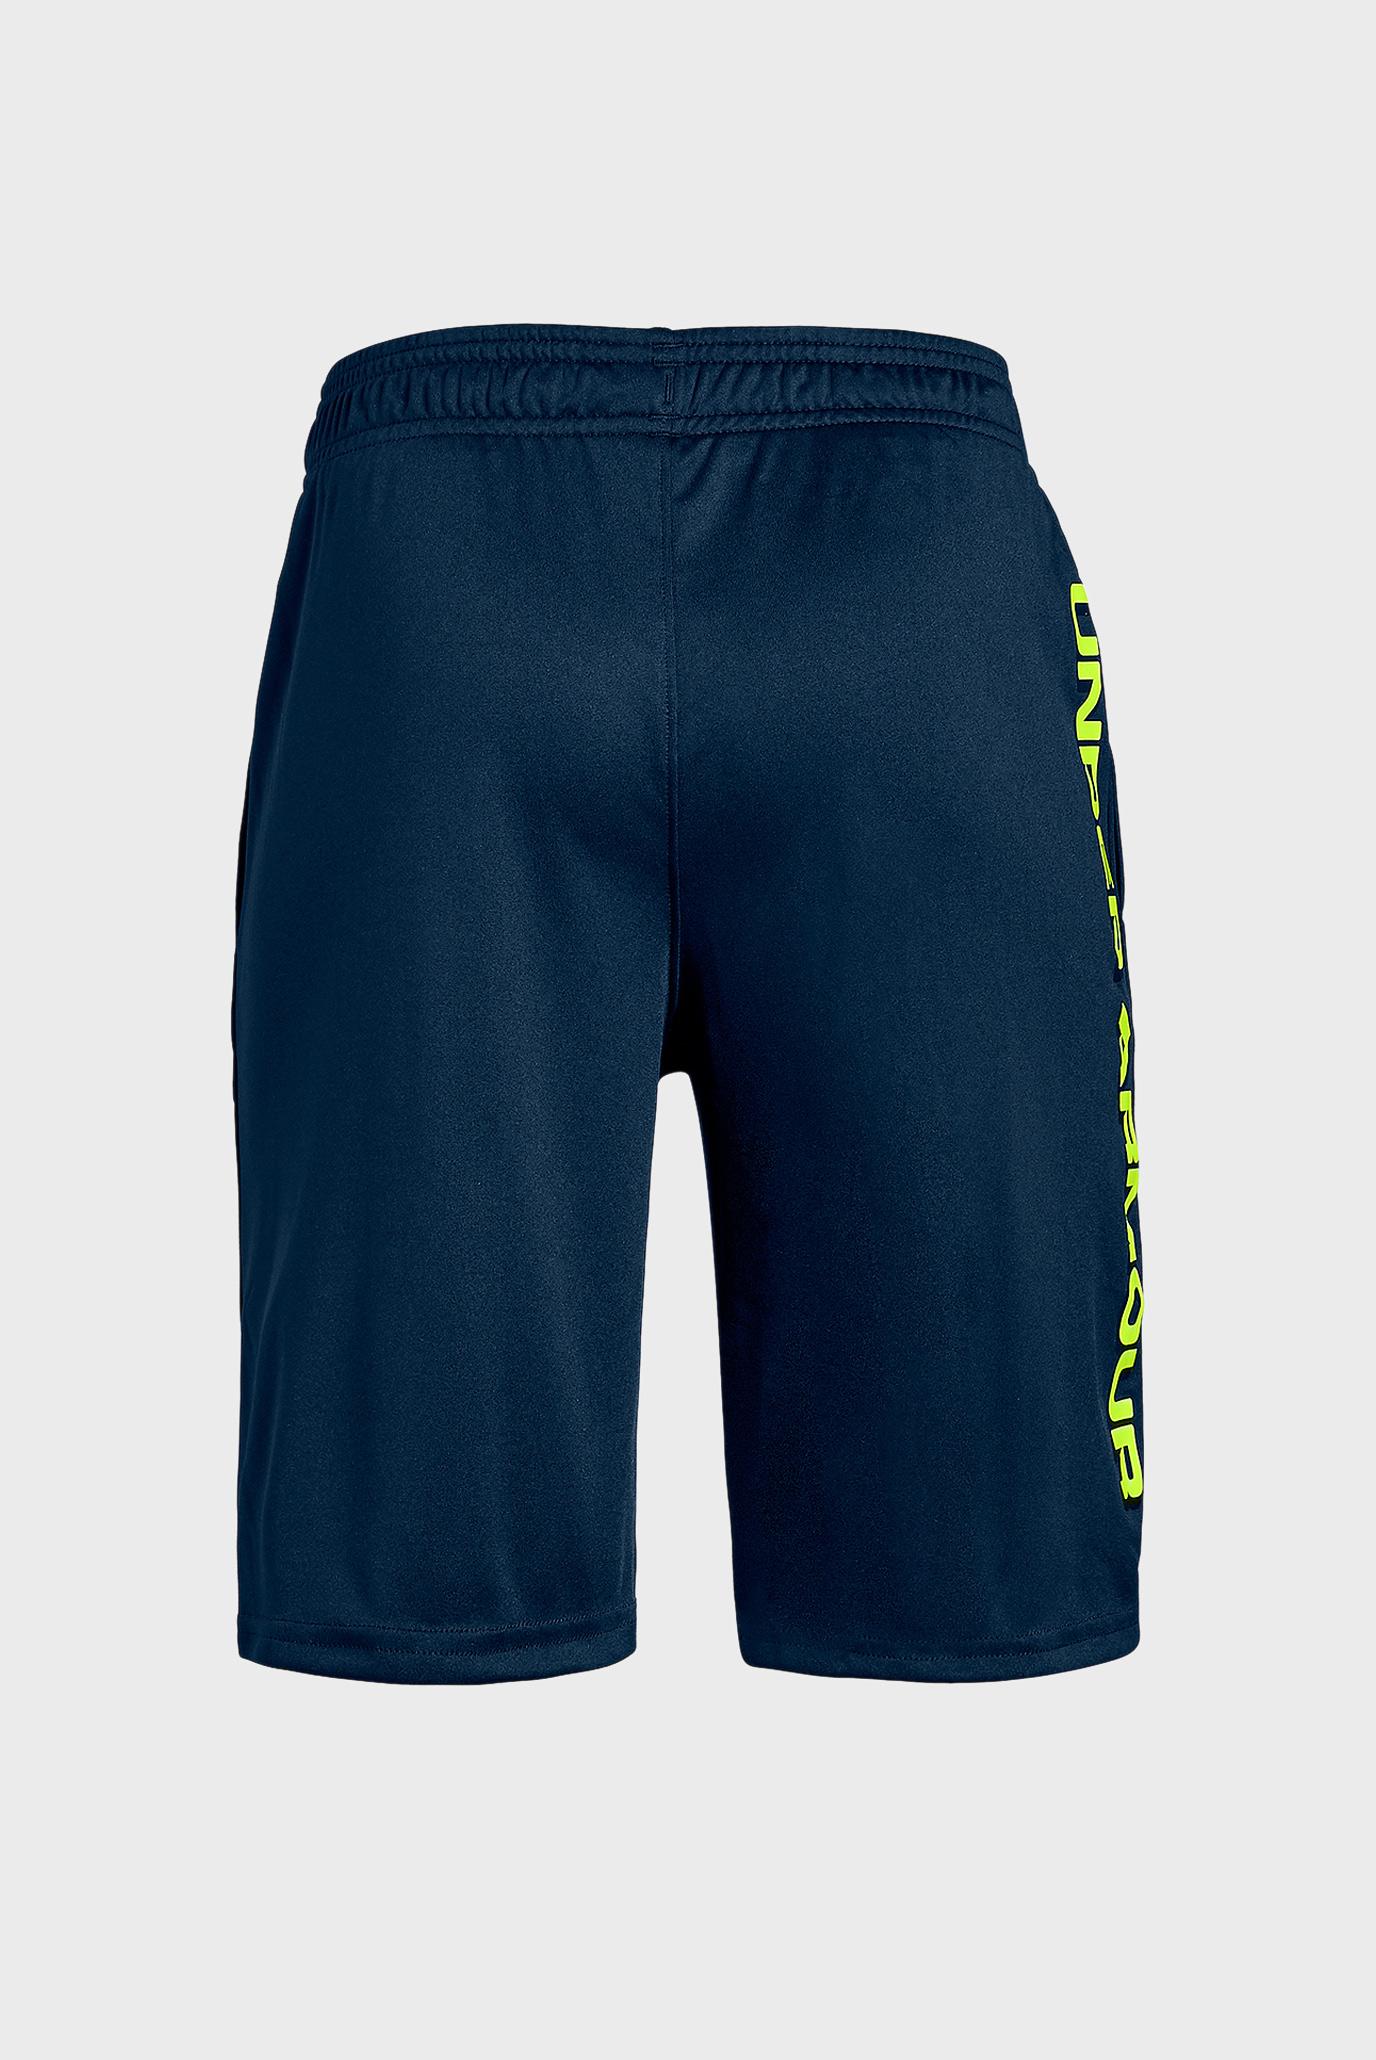 Купить Детские темно-синие шорты Prototype Wordmark Short Under Armour Under Armour 1333604-408 – Киев, Украина. Цены в интернет магазине MD Fashion